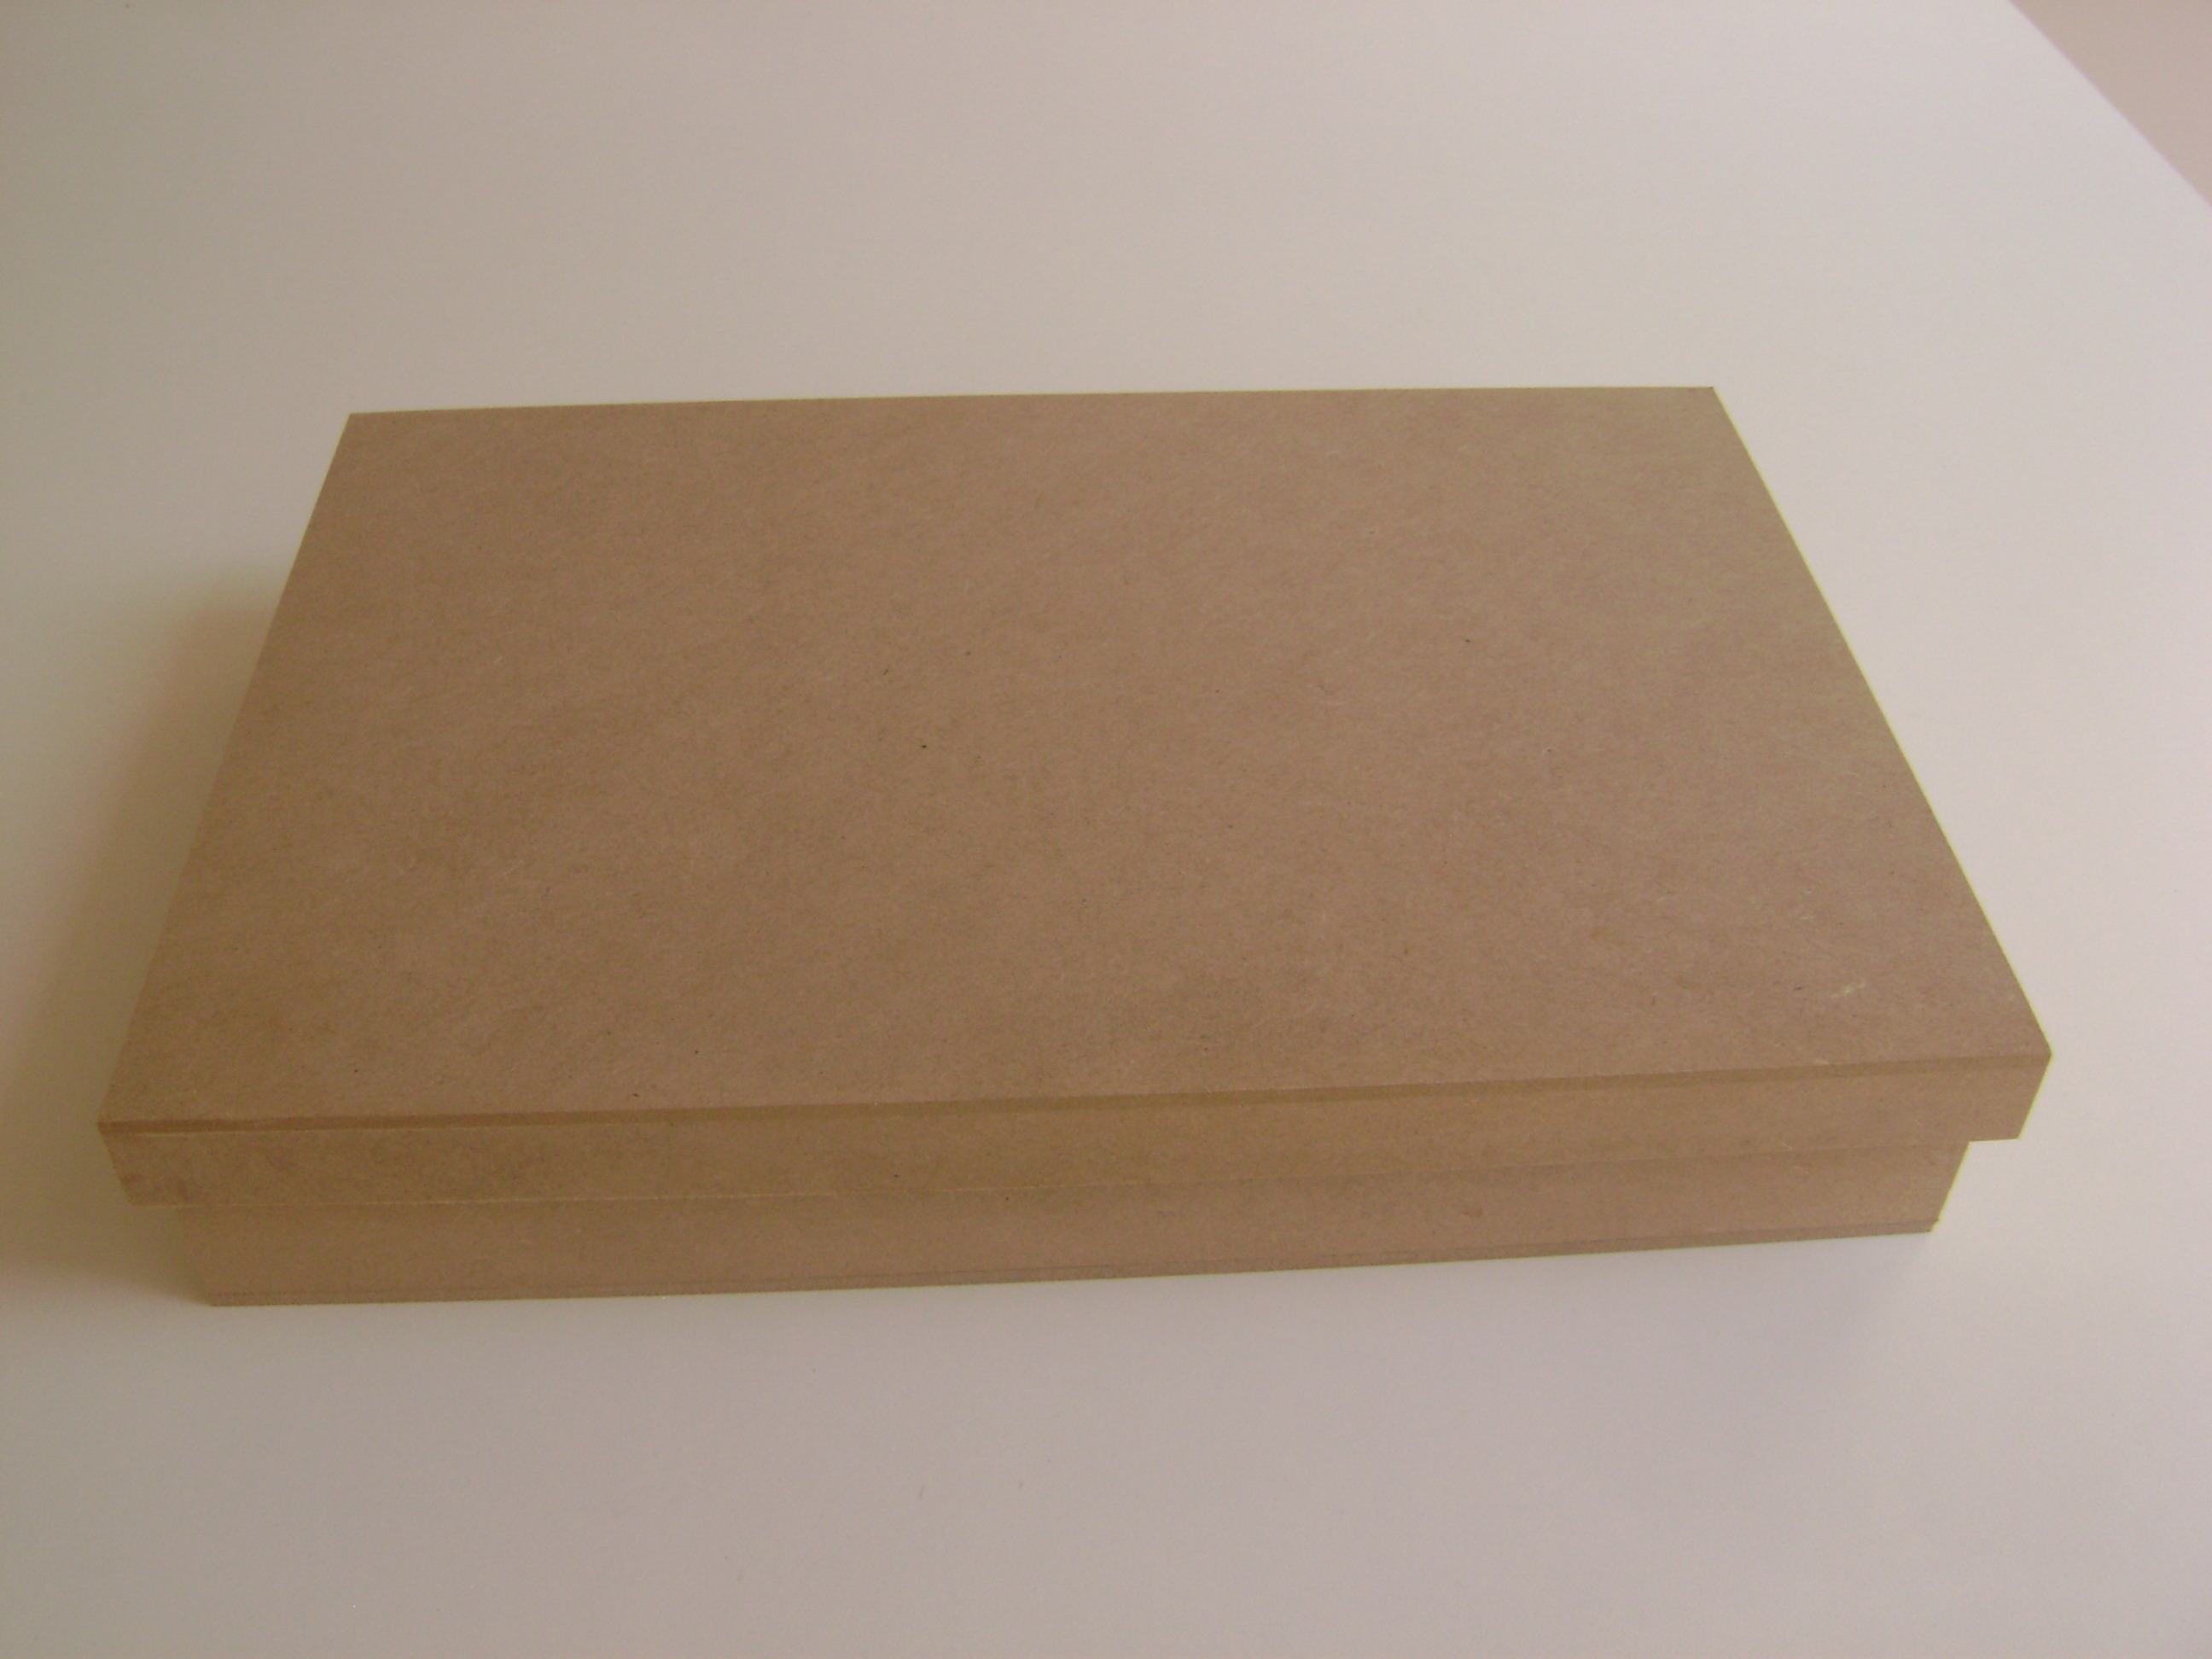 Caixa de MDF 30x20x5 Ciranda Artesanato Elo7 #74512D 2592x1944